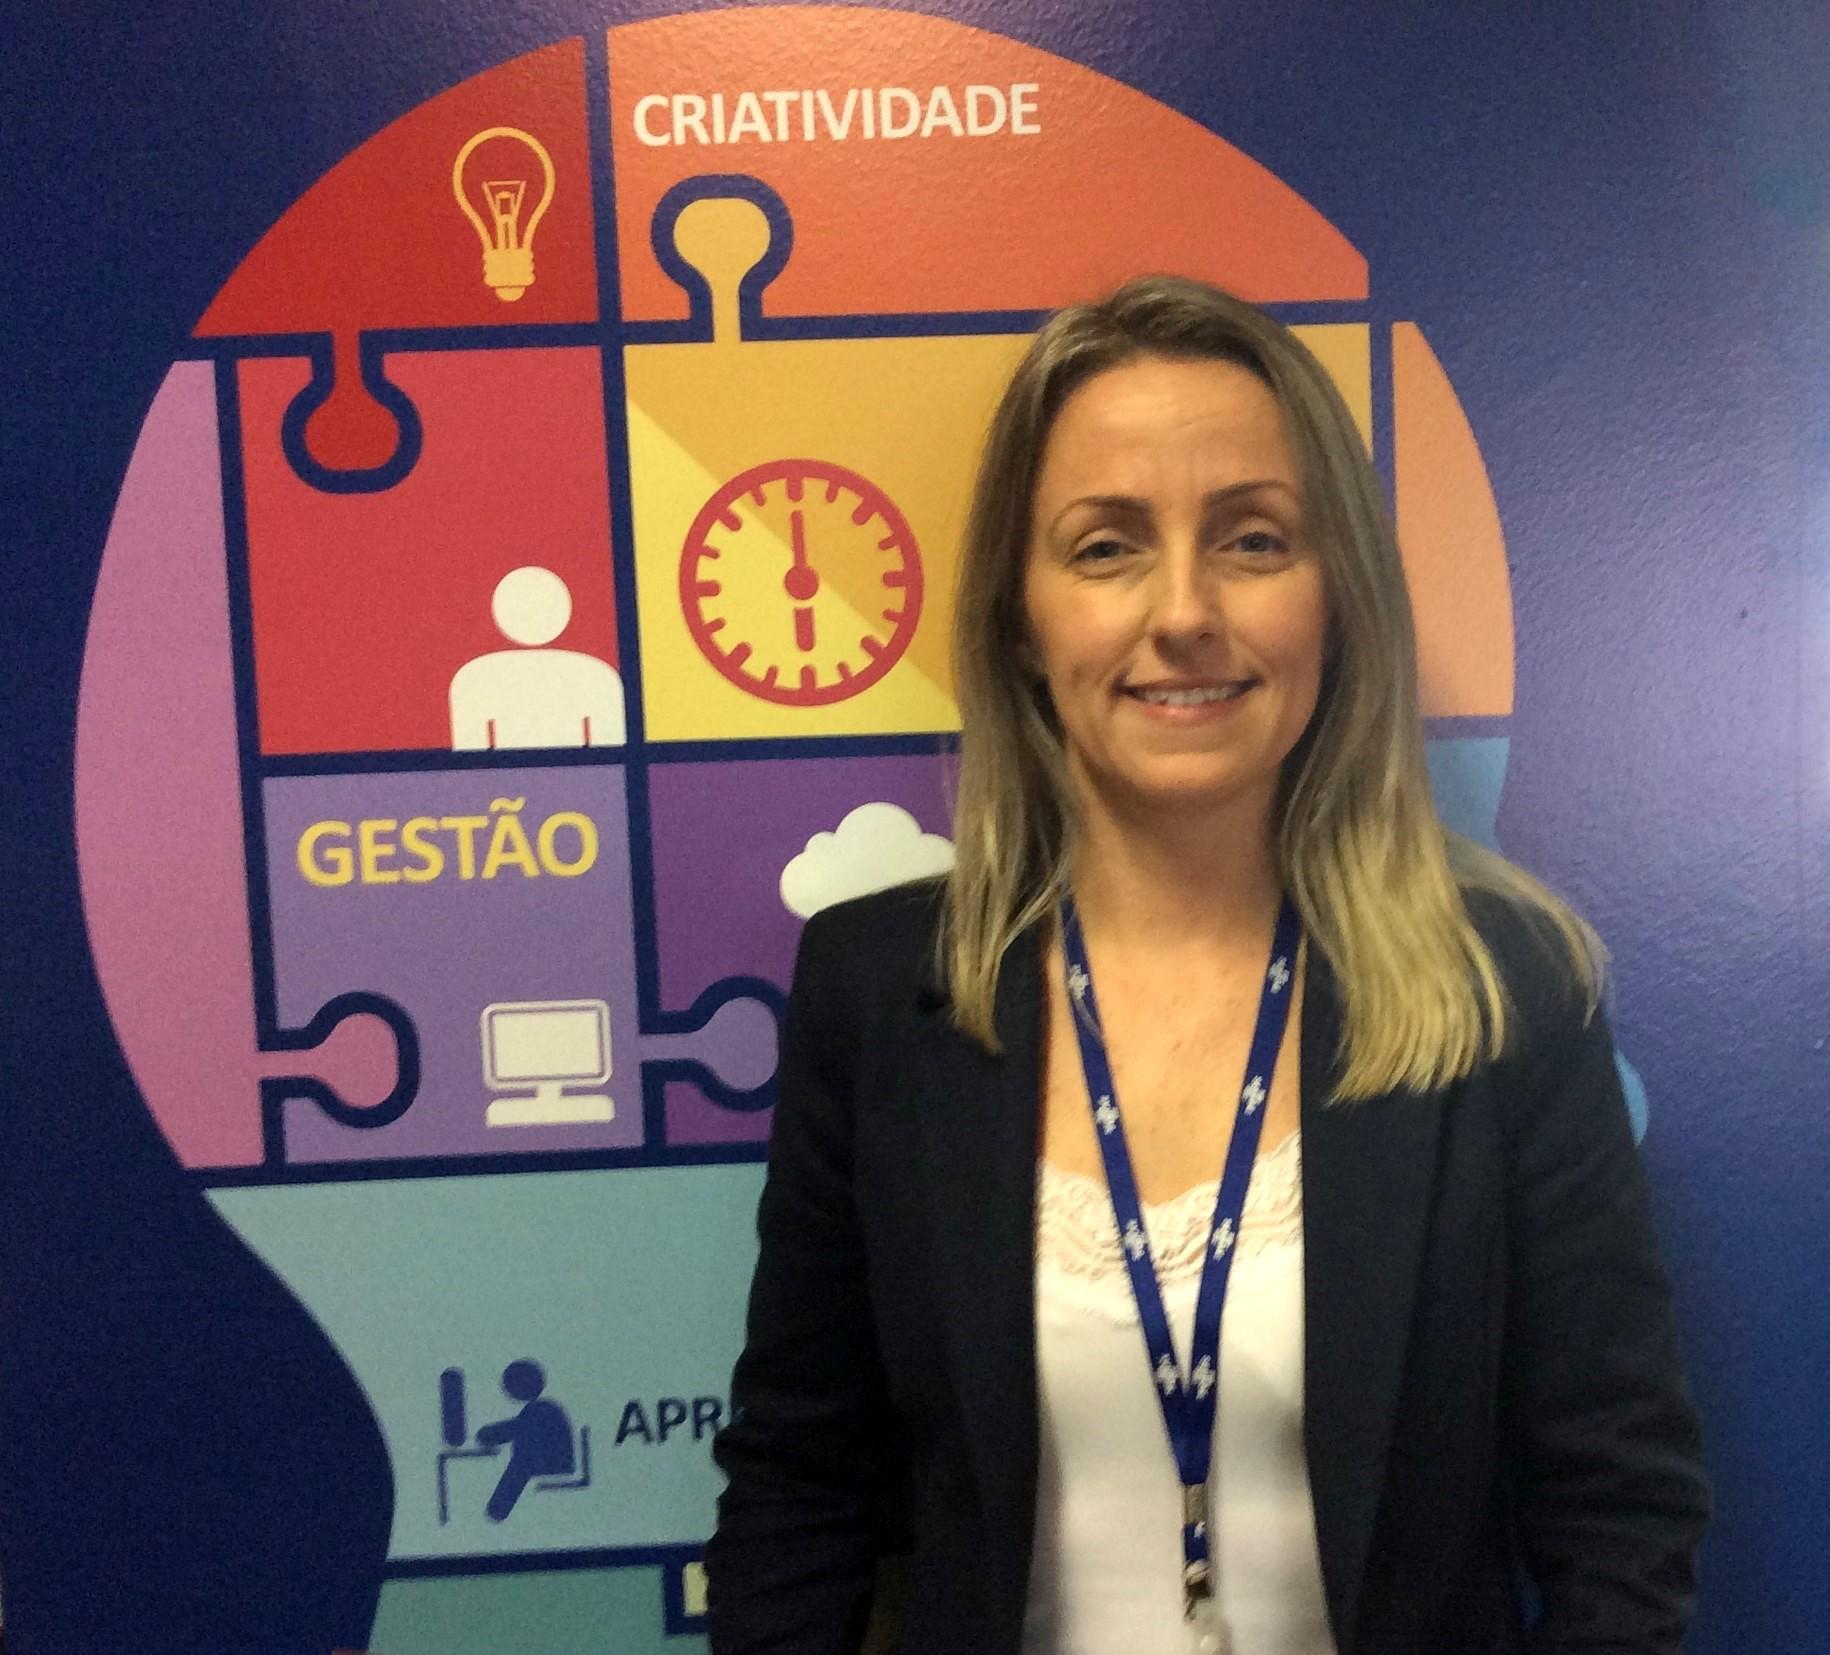 Andreza Venancia, analista técnica de projetos da Unidade de Gestão Estratégica do SEBRAE-MG